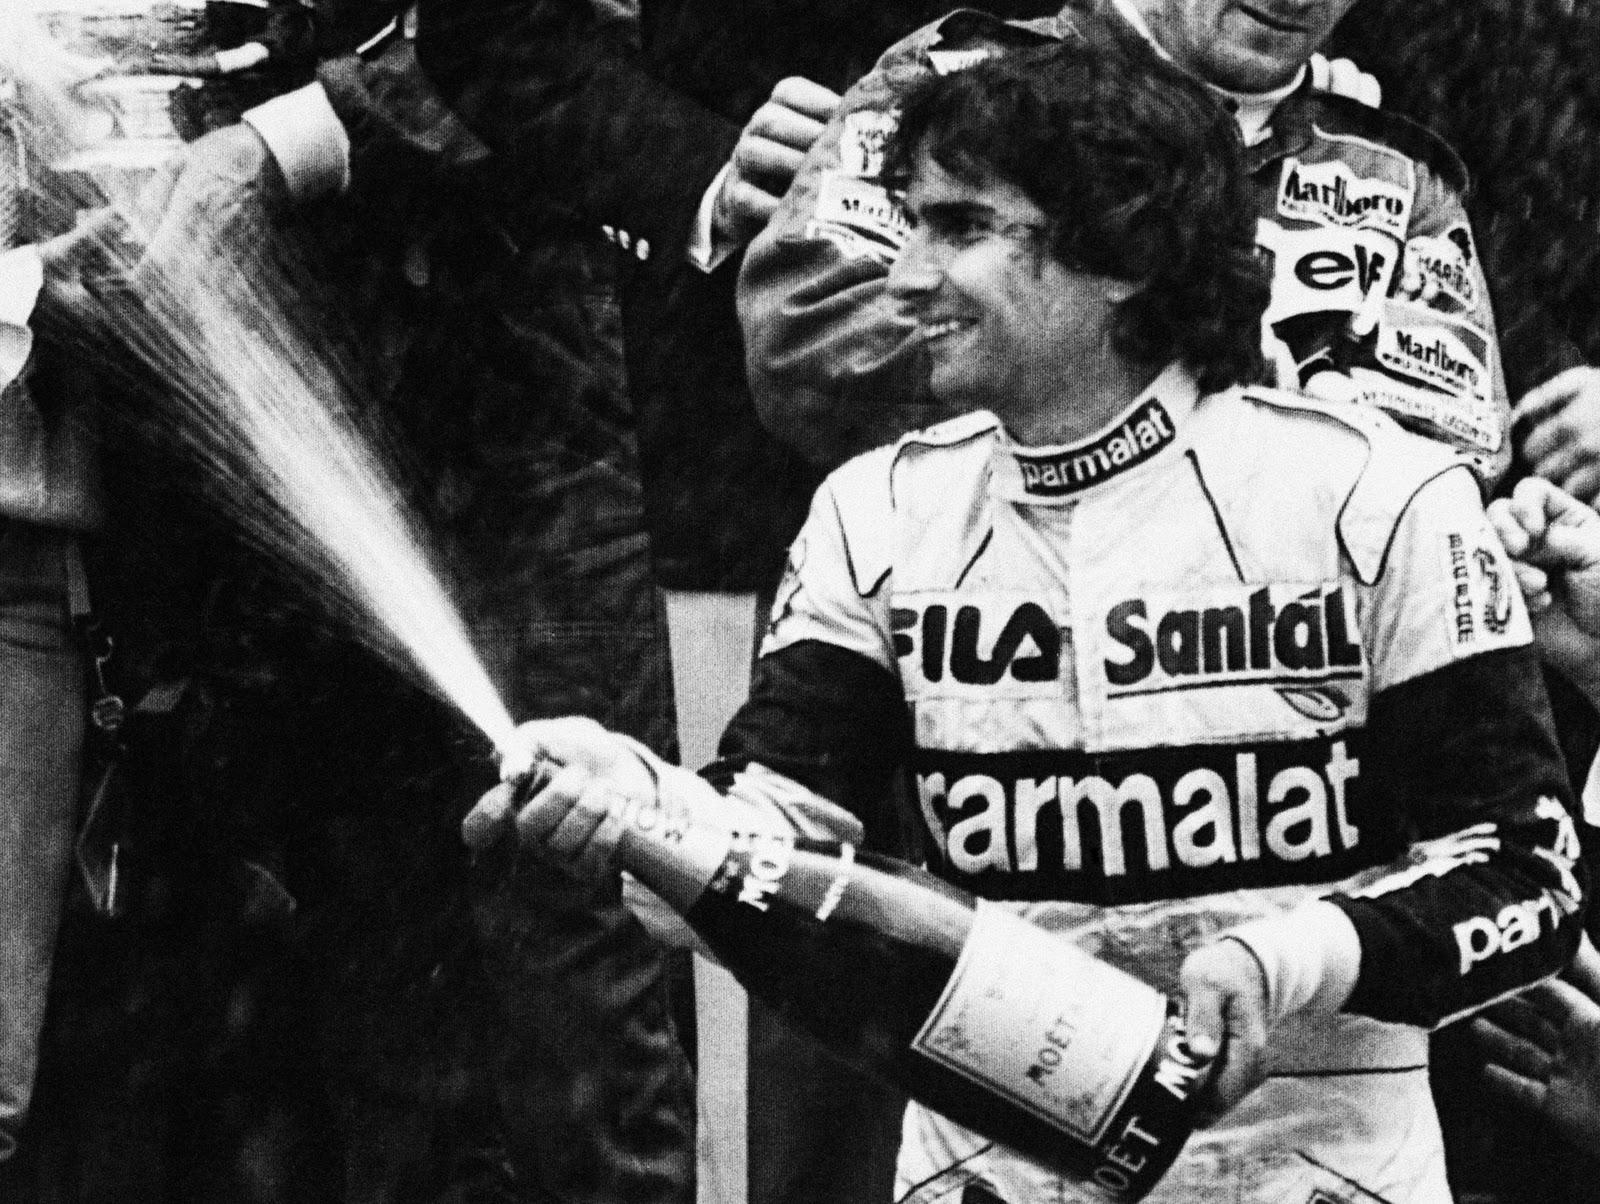 Há 31 anos, Nelson Piquet se tornava bicampeão da Fórmula 1 | Correio da  Cidade Online